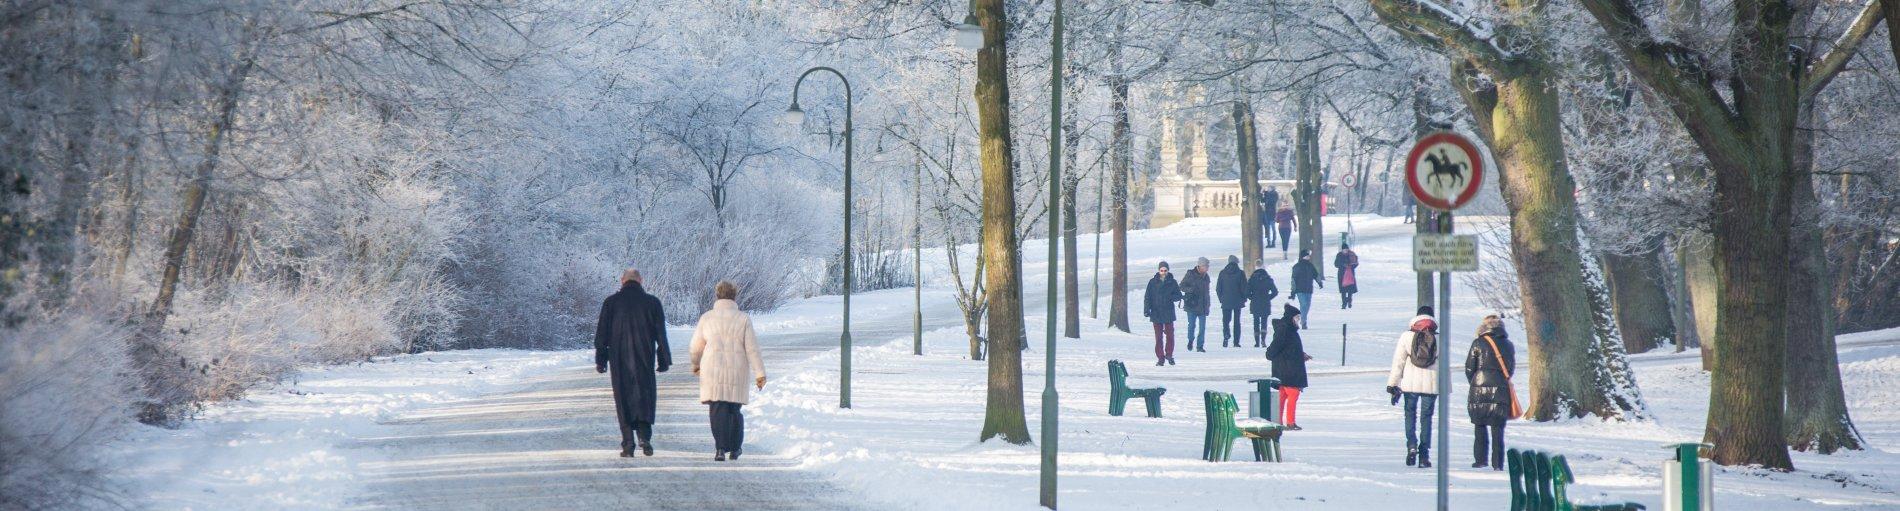 Menschen gehen bei Schnee im Bürgerpark spazieren